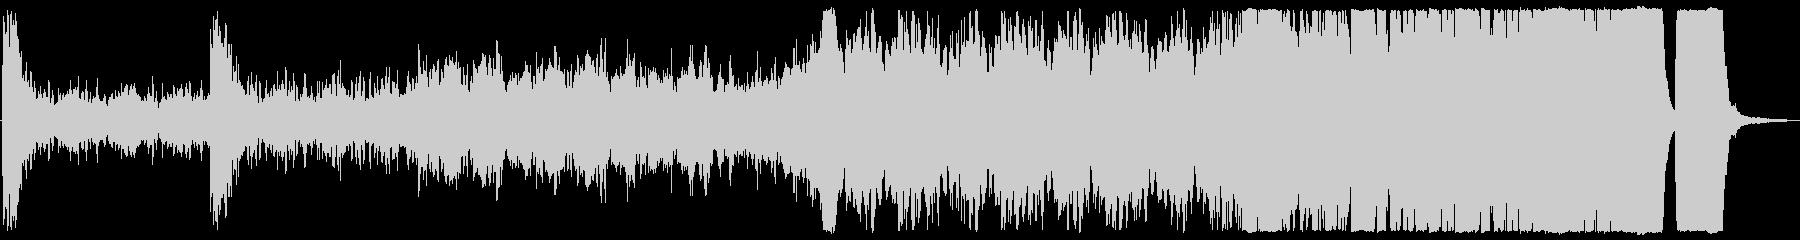 クラシック 交響曲 広い 壮大 ド...の未再生の波形